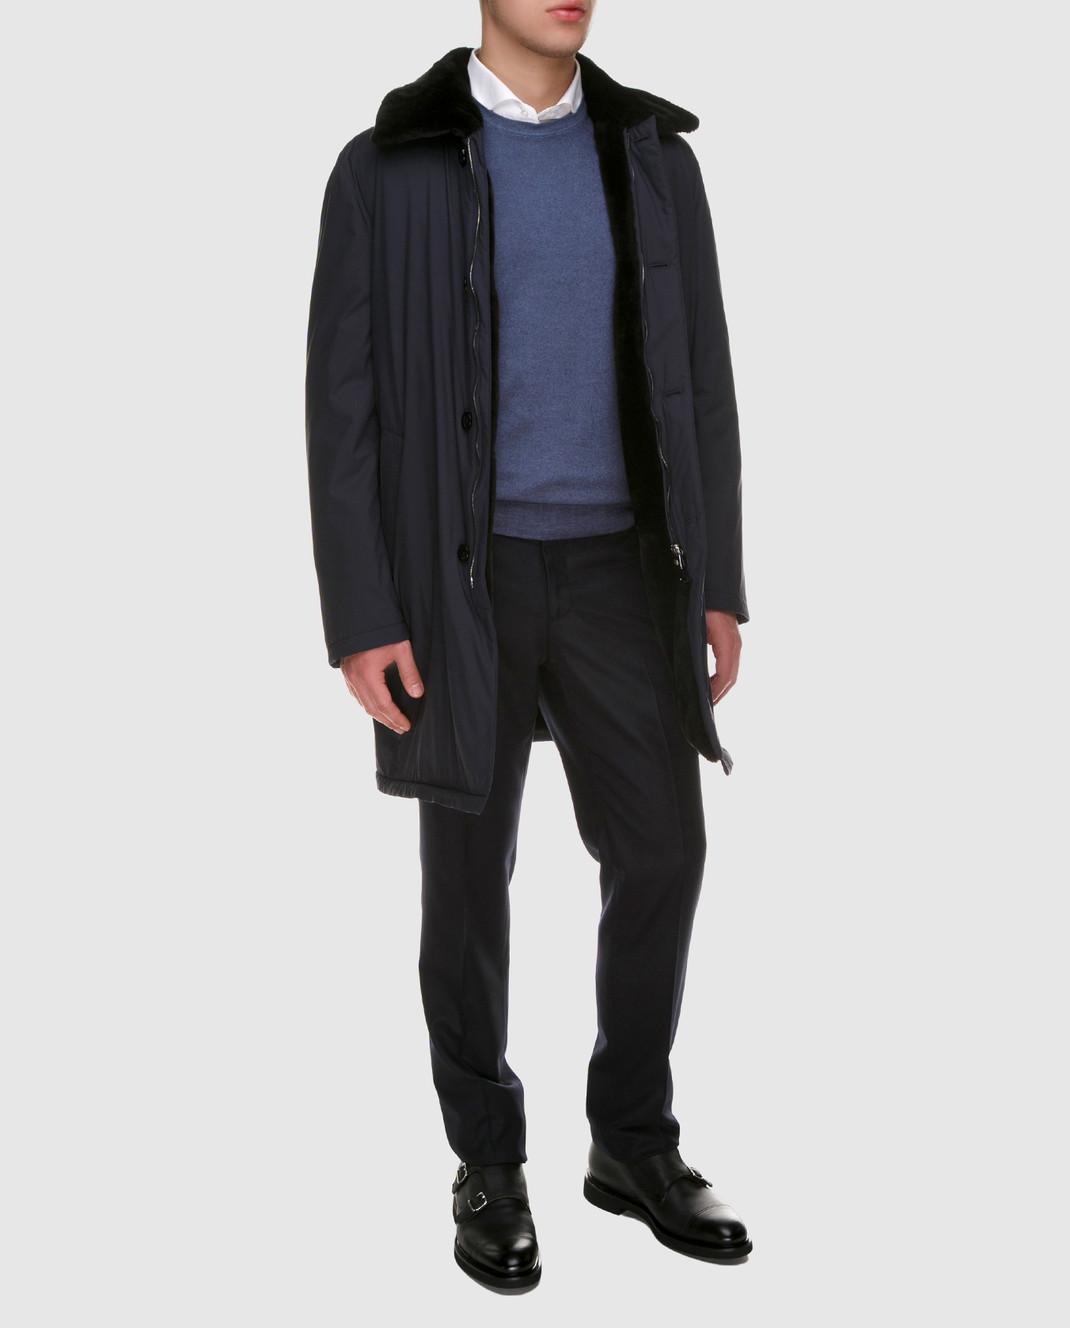 Enrico Mandelli Синее пальто из шелка со съёмным воротником из меха нутрии A6T766 изображение 2